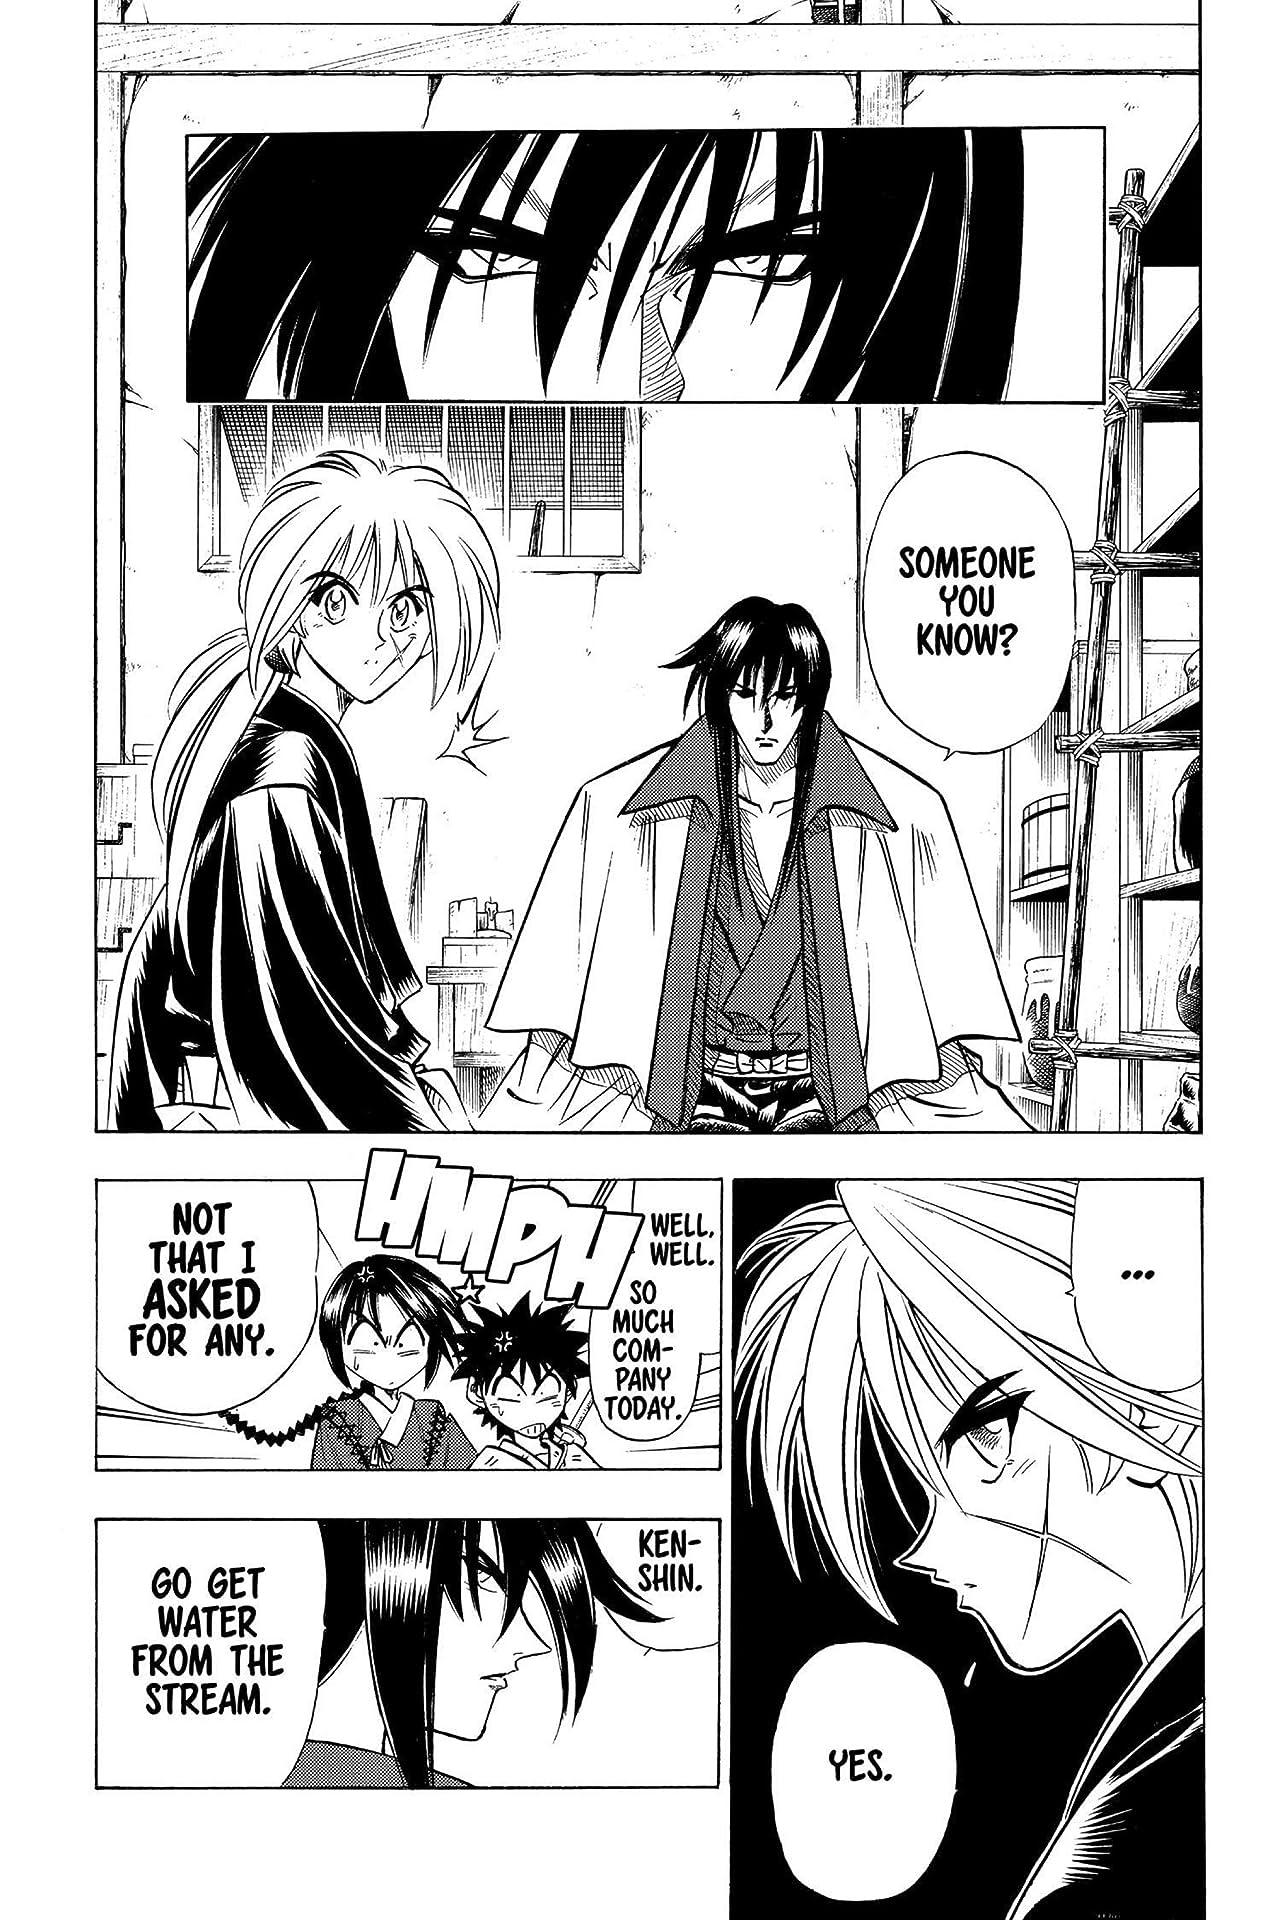 Rurouni Kenshin Vol. 11